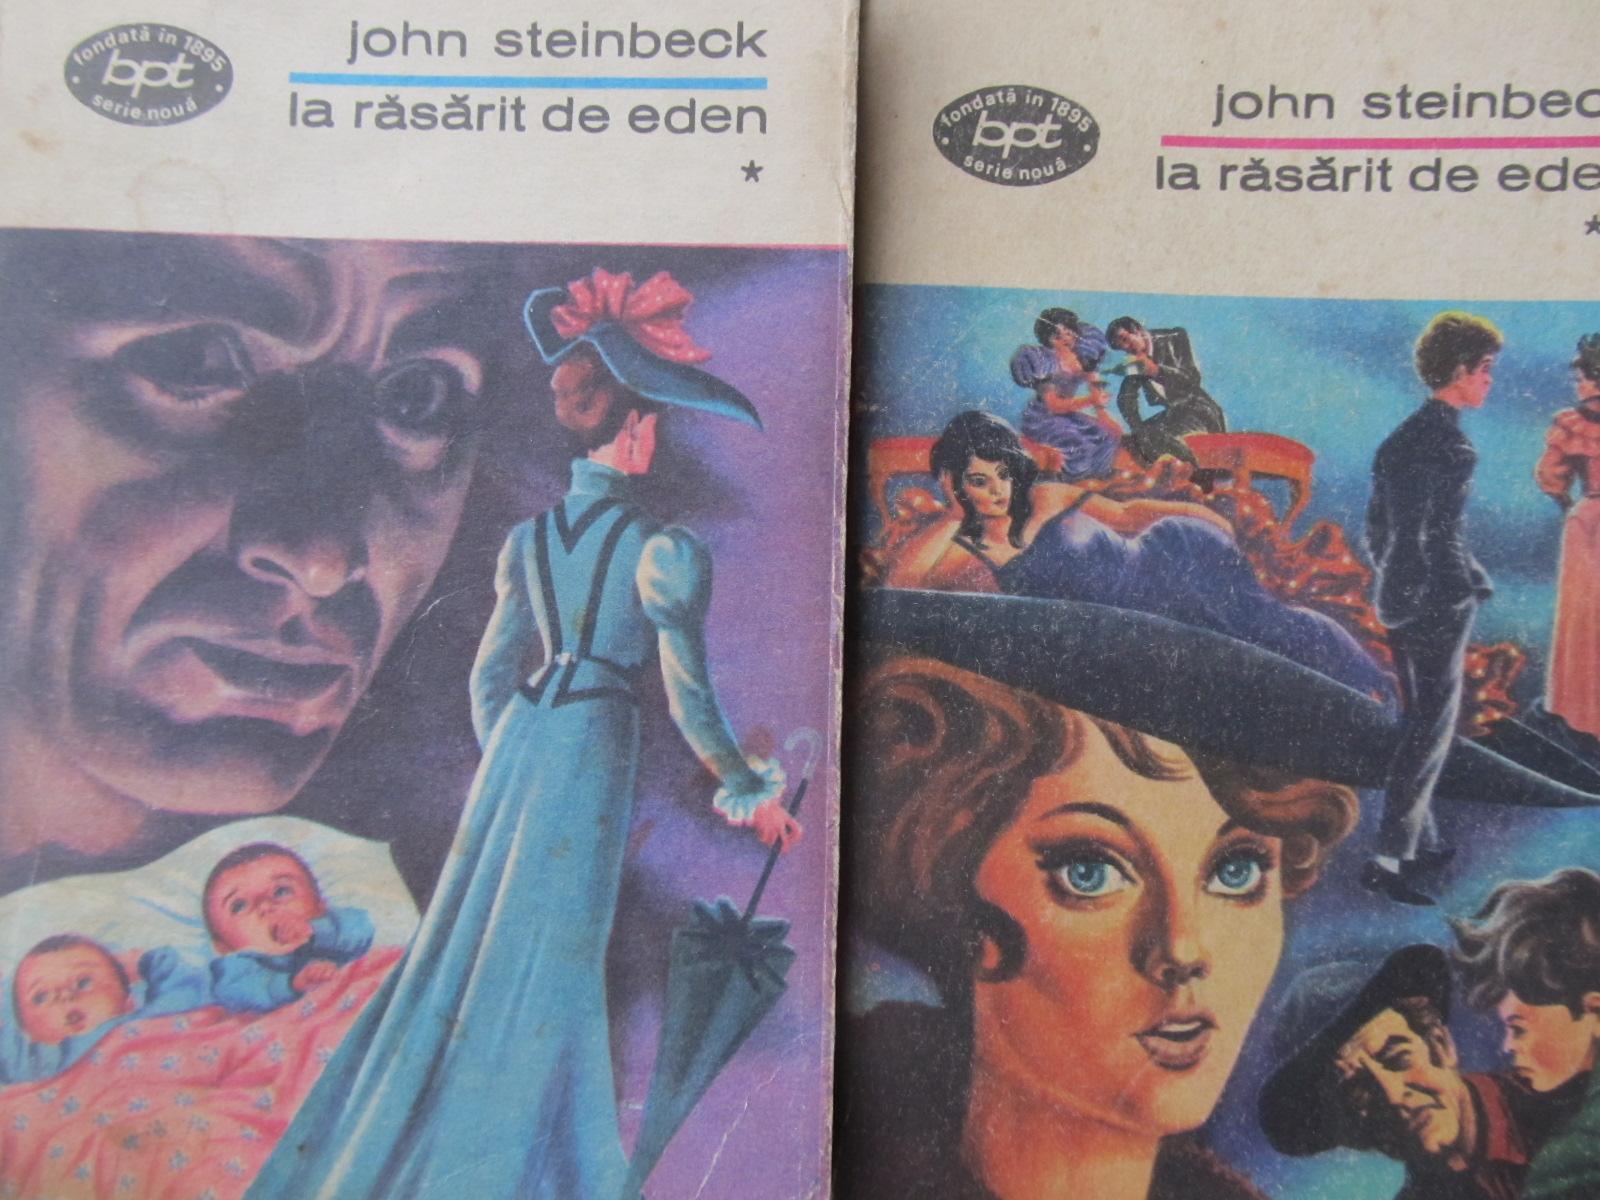 La rasarit de Eden (2 vol.) - John Steinbeck | Detalii carte